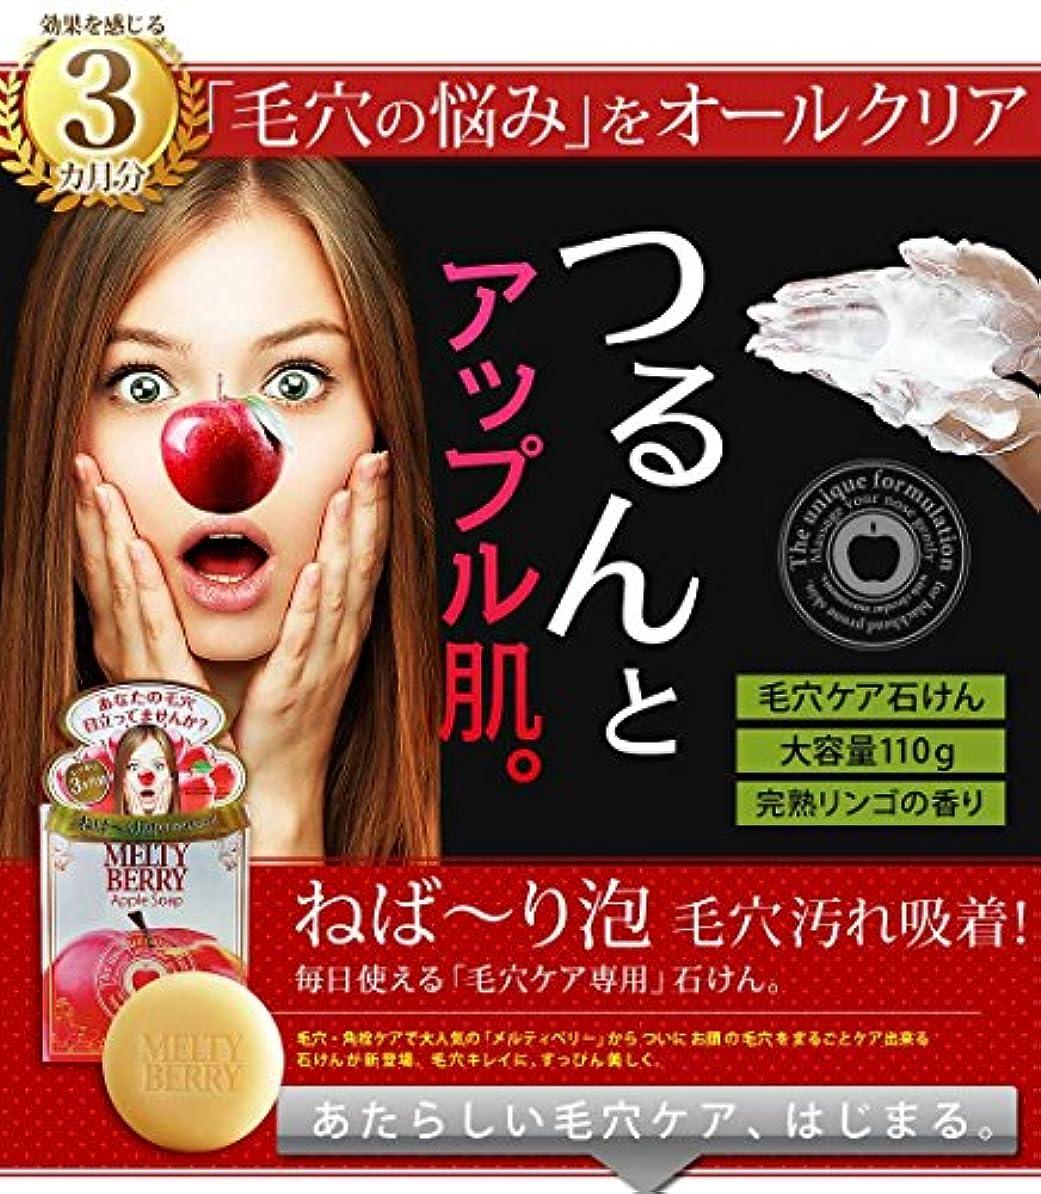 雑種参照ちっちゃいメルティベリーアップルソープ 2個セット(毛穴対策用洗顔石鹸)